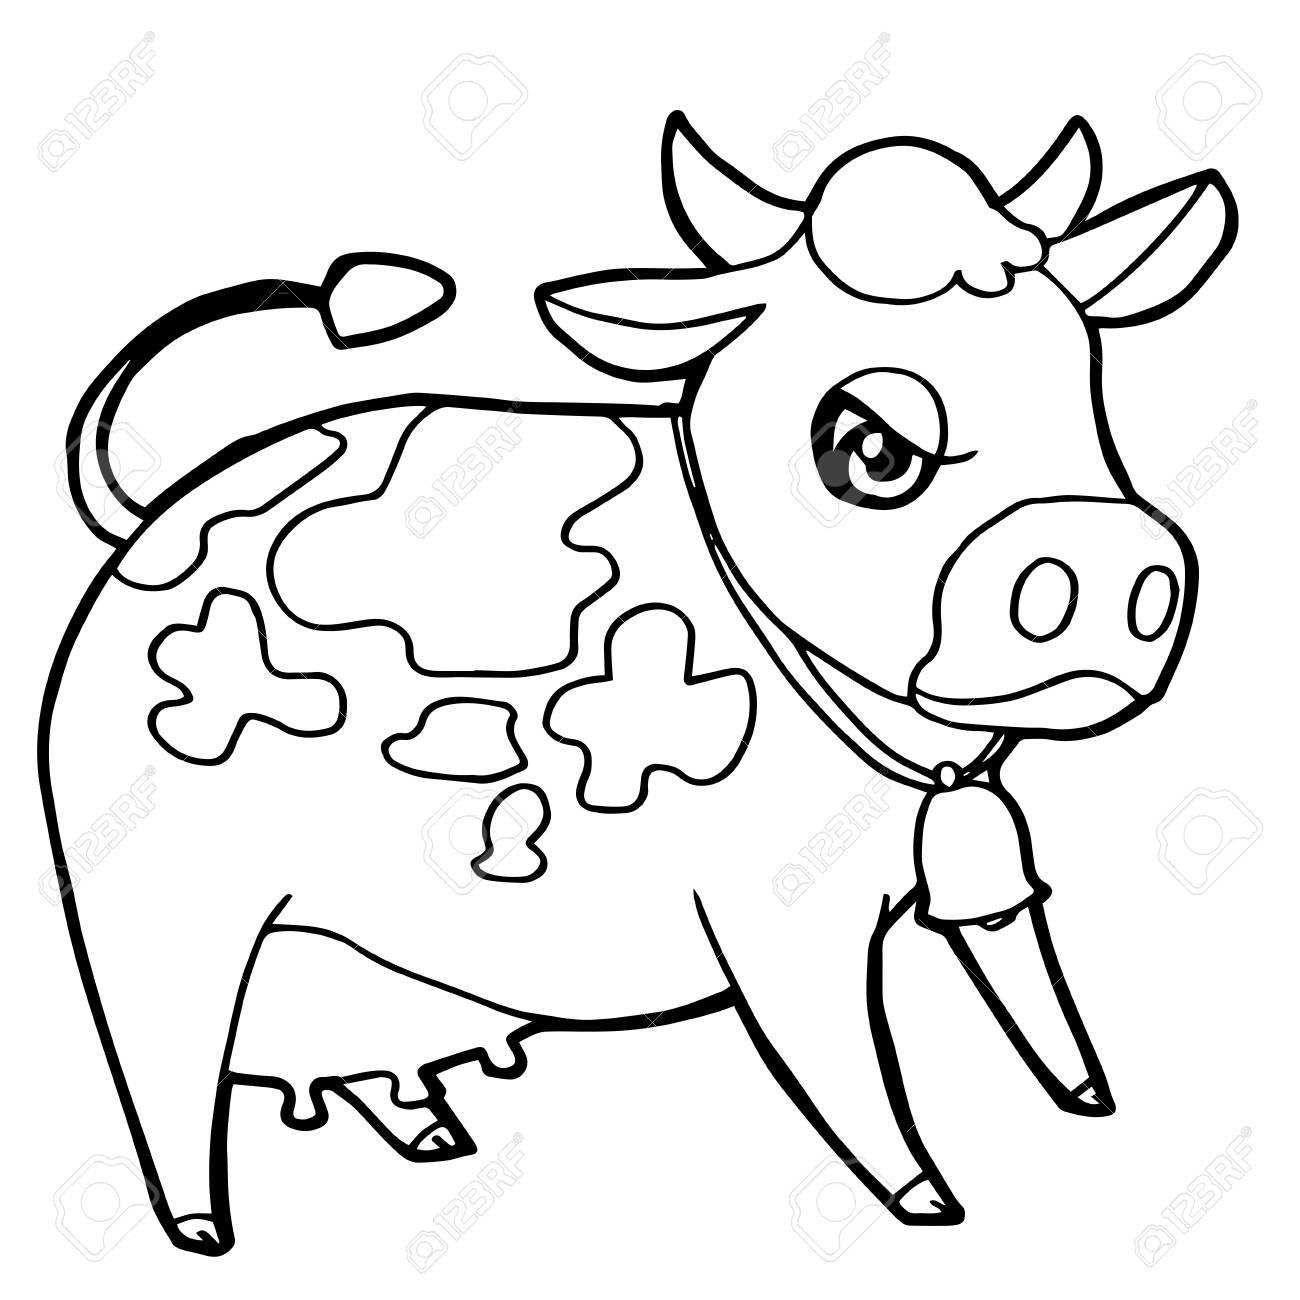 Dessin Animé Mignon Bovins Ou Vache à Colorier Illustration Vectorielle De Page